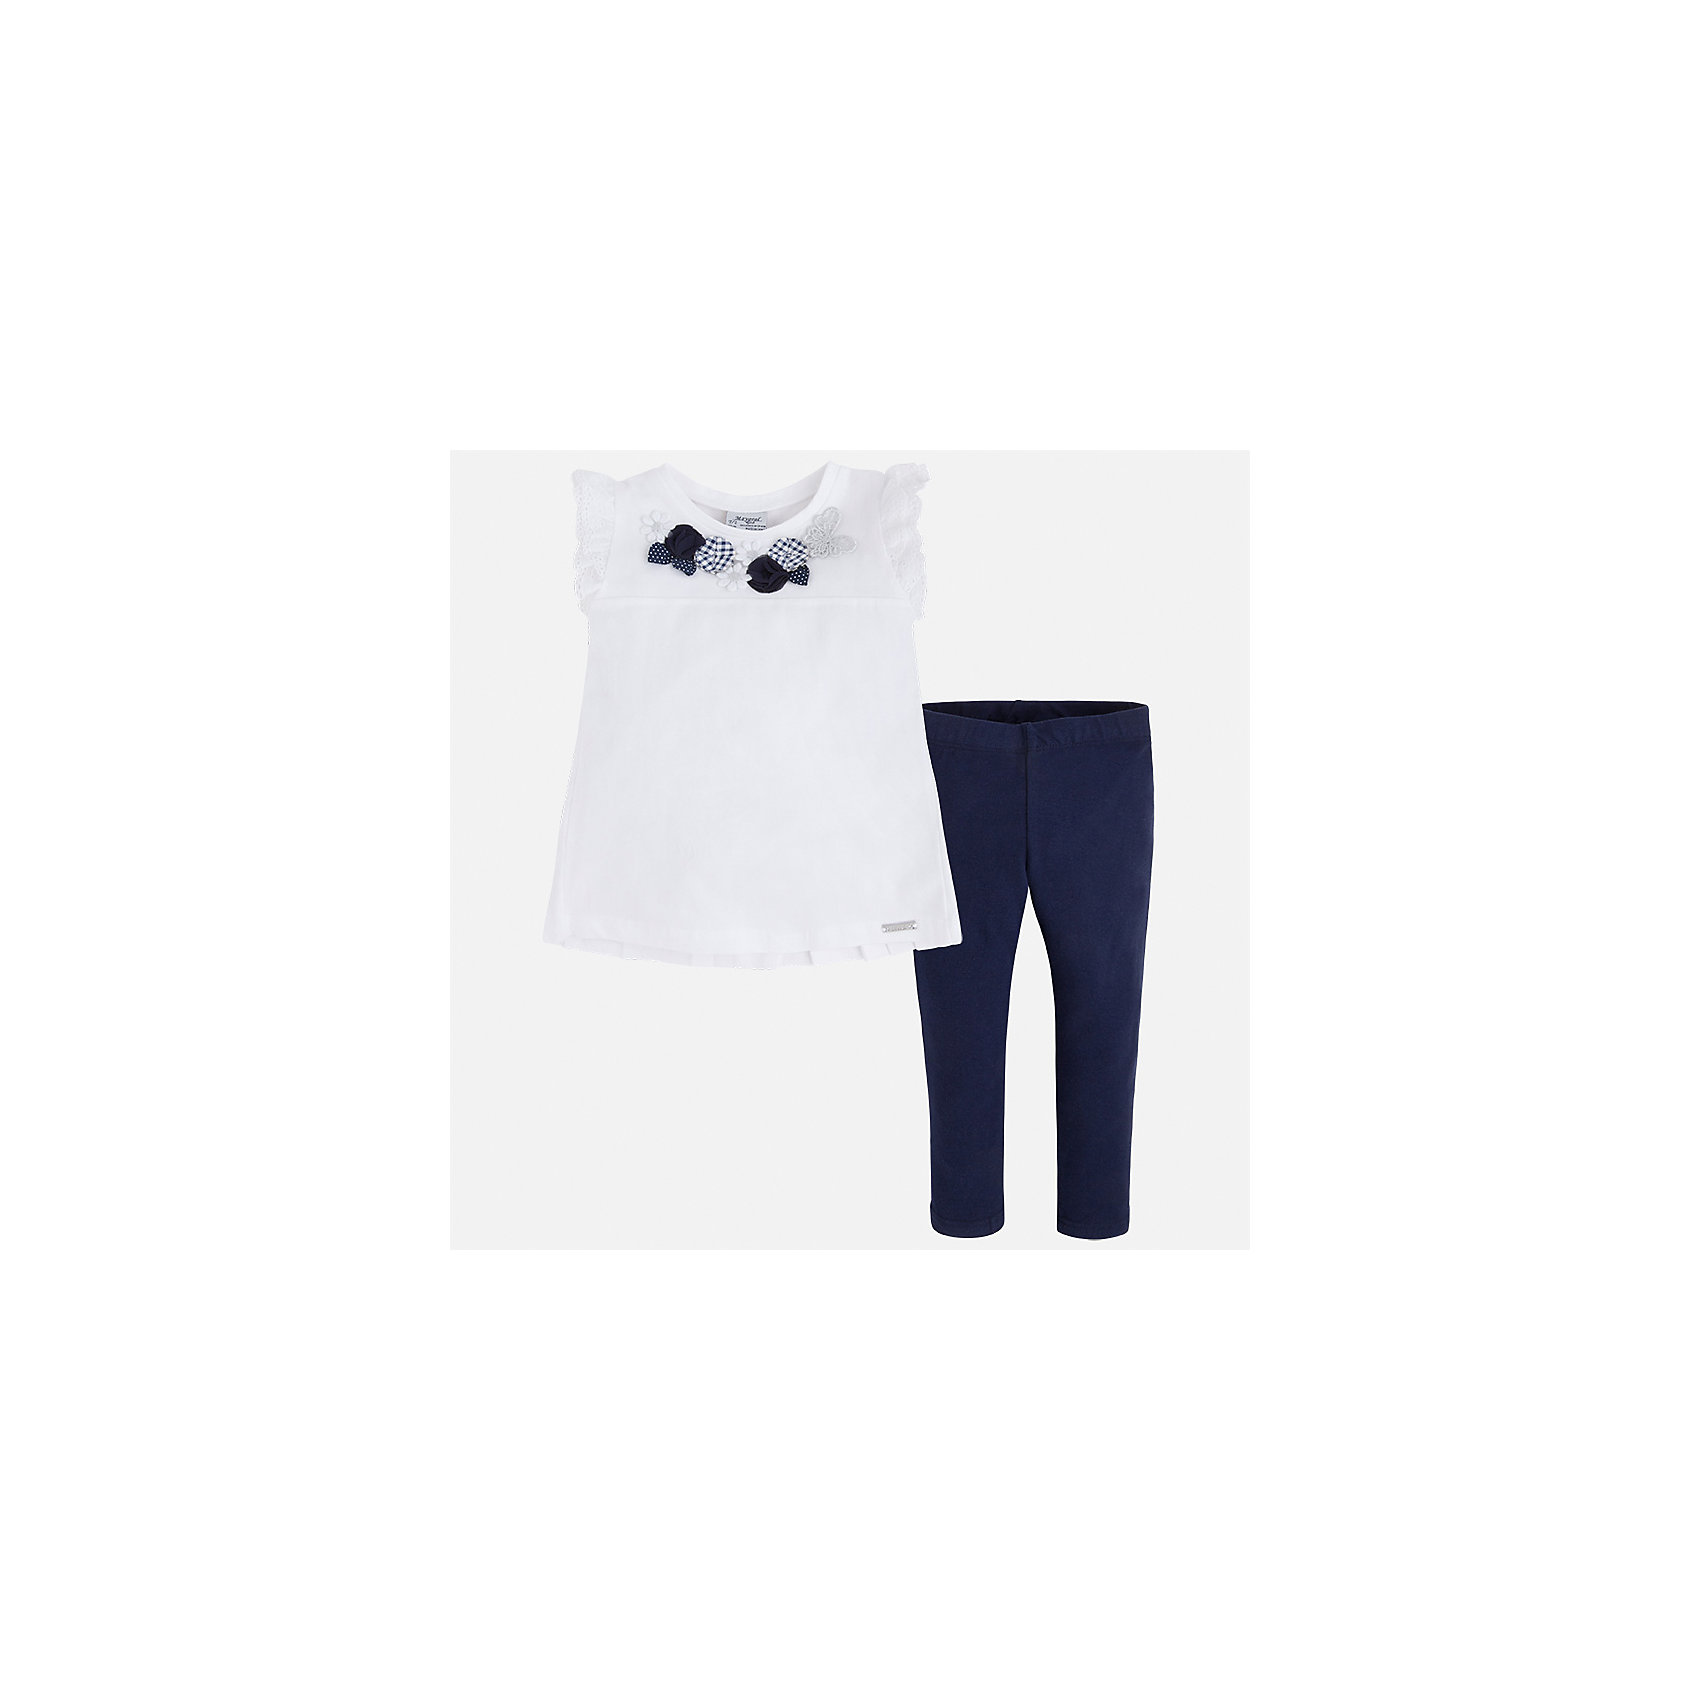 Комплект: футболка и леггинсы для девочки MayoralХарактеристики товара:<br><br>• цвет: белый/синий<br>• состав: 95% хлопок, 5% эластан<br>• комплектация: футболка, леггинсы<br>• футболка декорирована принтом и оборками<br>• леггинсы однотонные<br>• пояс на резинке<br>• страна бренда: Испания<br><br>Красивый качественный комплект для девочки поможет разнообразить гардероб ребенка и удобно одеться в теплую погоду. Он отлично сочетается с другими предметами. Универсальный цвет позволяет подобрать к вещам верхнюю одежду практически любой расцветки. Интересная отделка модели делает её нарядной и оригинальной. В составе материала - натуральный хлопок, гипоаллергенный, приятный на ощупь, дышащий.<br><br>Одежда, обувь и аксессуары от испанского бренда Mayoral полюбились детям и взрослым по всему миру. Модели этой марки - стильные и удобные. Для их производства используются только безопасные, качественные материалы и фурнитура. Порадуйте ребенка модными и красивыми вещами от Mayoral! <br><br>Комплект для девочки от испанского бренда Mayoral (Майорал) можно купить в нашем интернет-магазине.<br><br>Ширина мм: 123<br>Глубина мм: 10<br>Высота мм: 149<br>Вес г: 209<br>Цвет: синий<br>Возраст от месяцев: 60<br>Возраст до месяцев: 72<br>Пол: Женский<br>Возраст: Детский<br>Размер: 116,122,128,134,92,98,104,110<br>SKU: 5290550